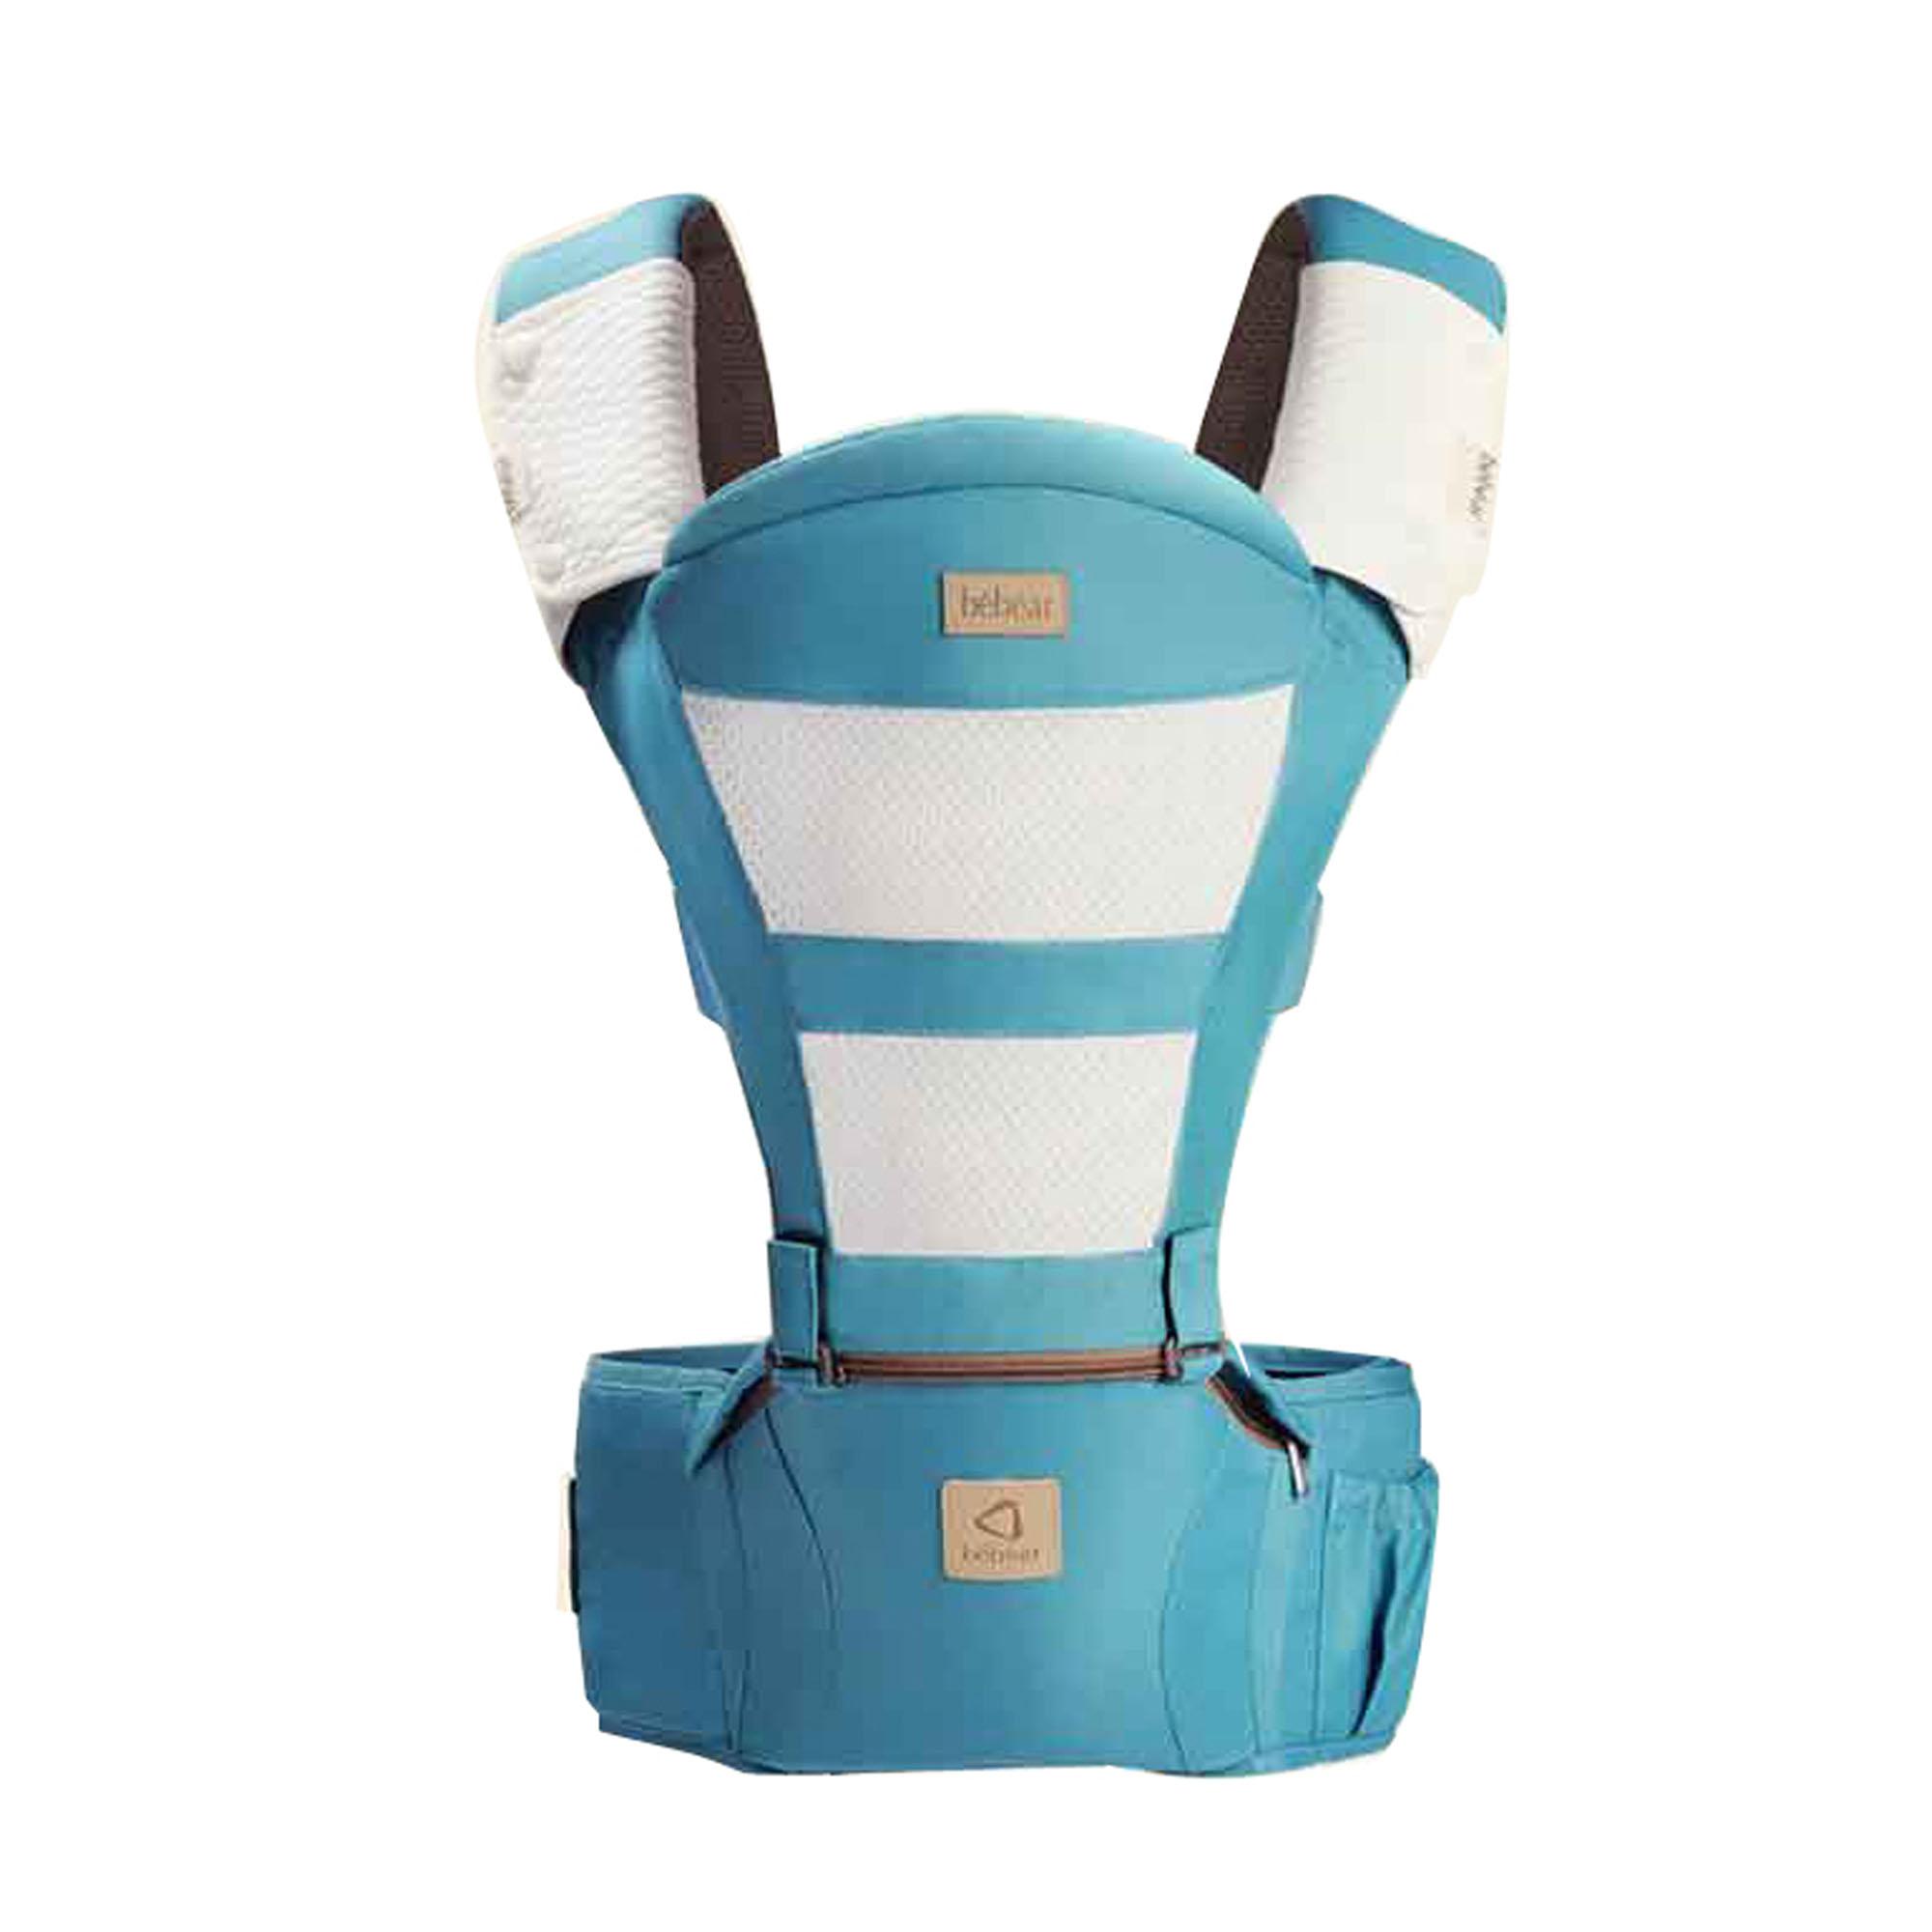 Ergonomic baby Carrier Sling - Light Blue